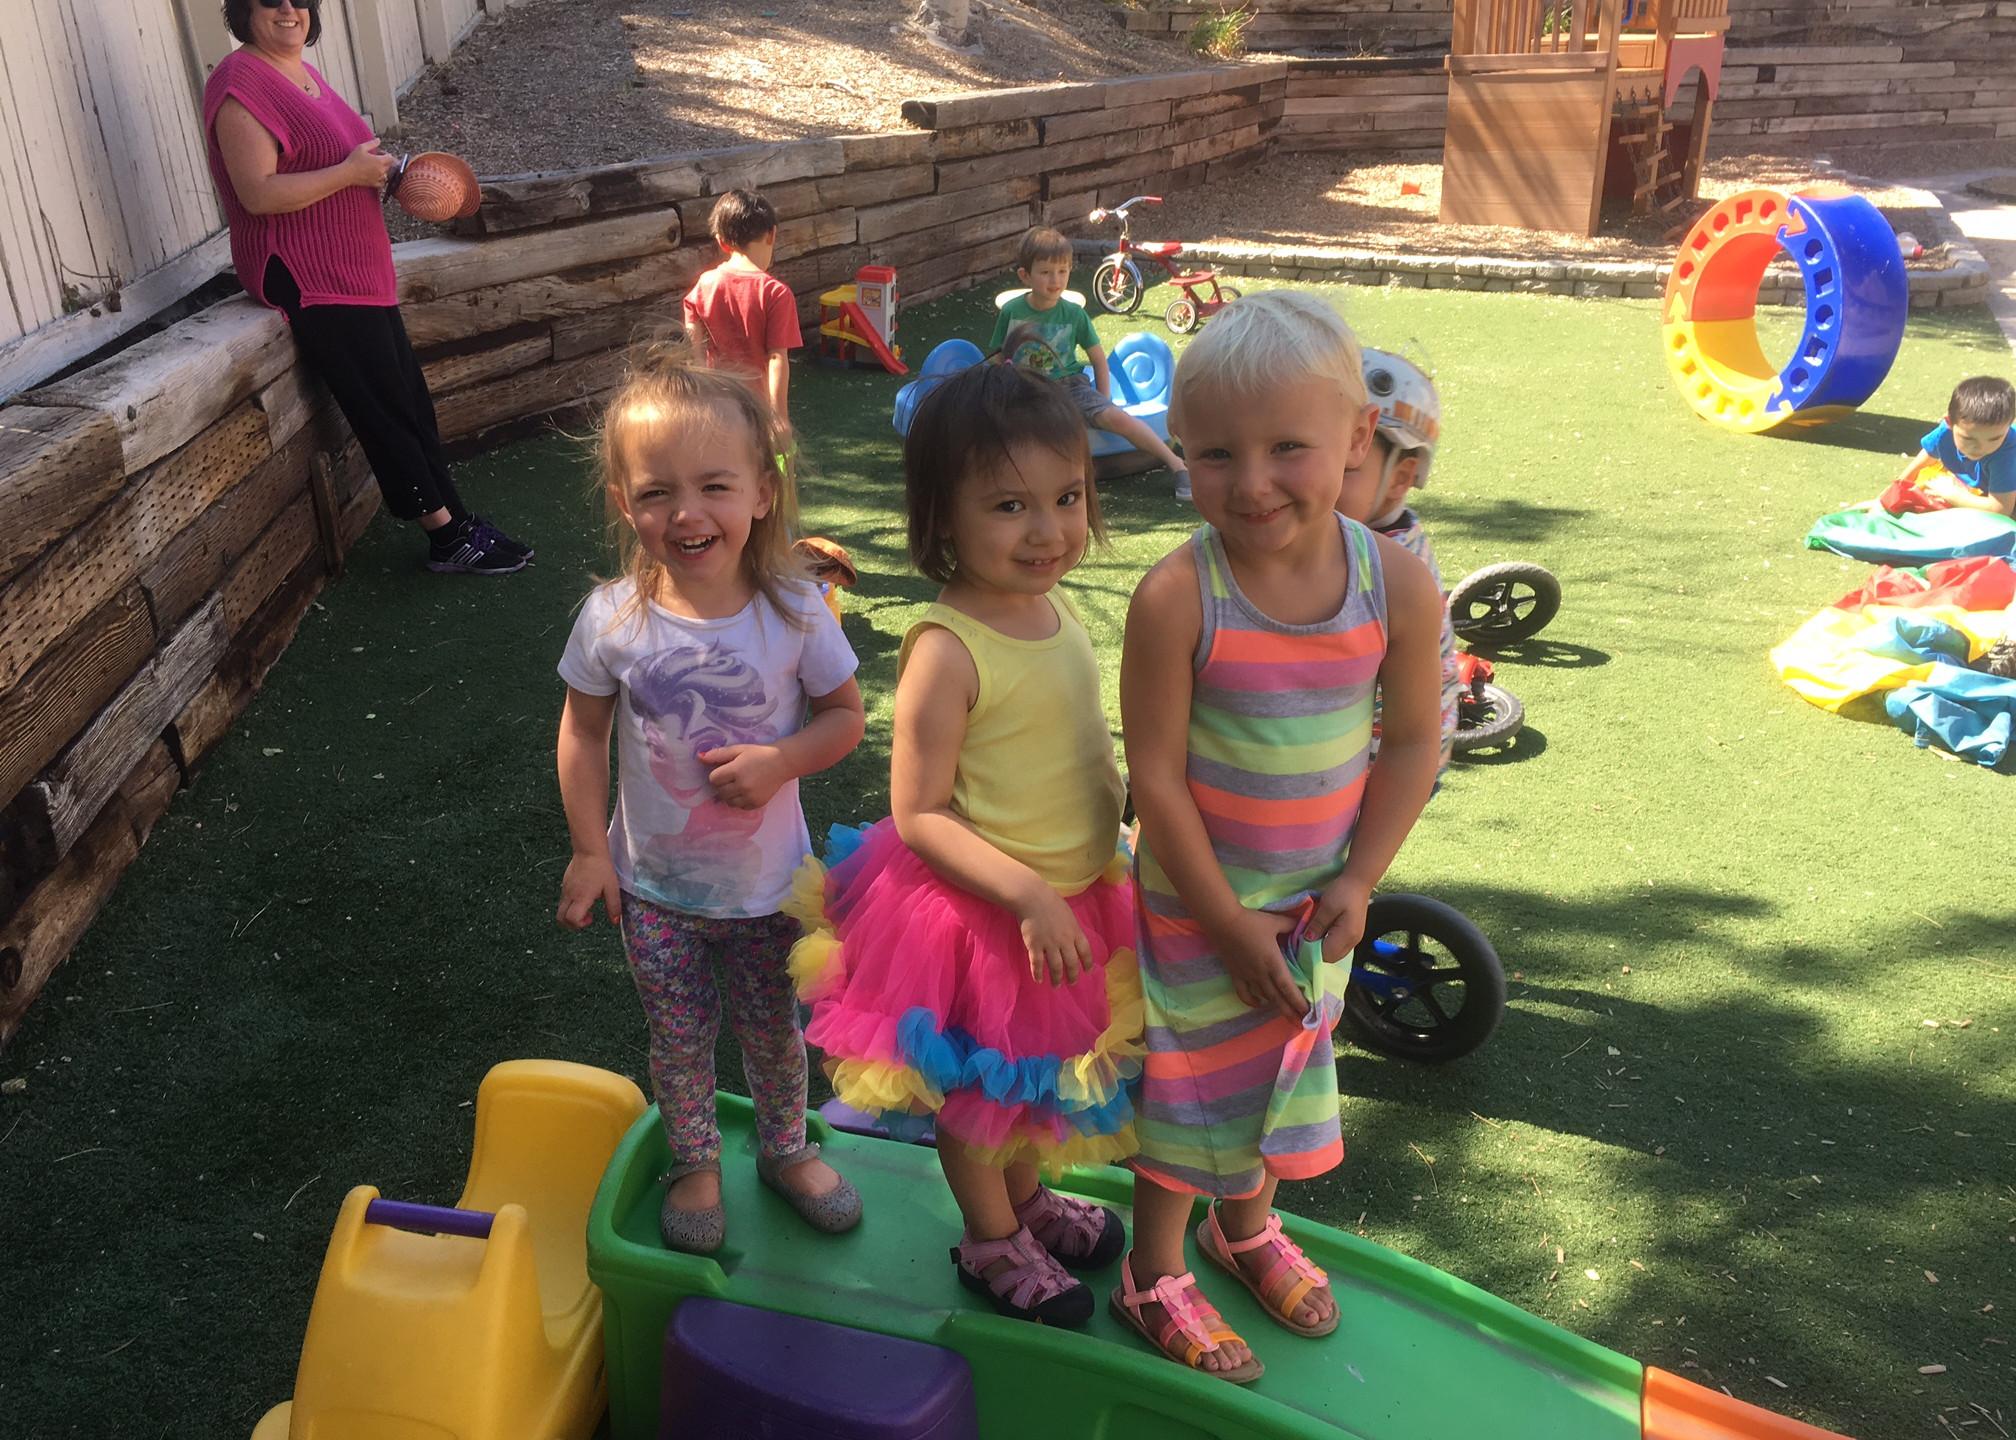 Preschool Summer Camp Centennial CO